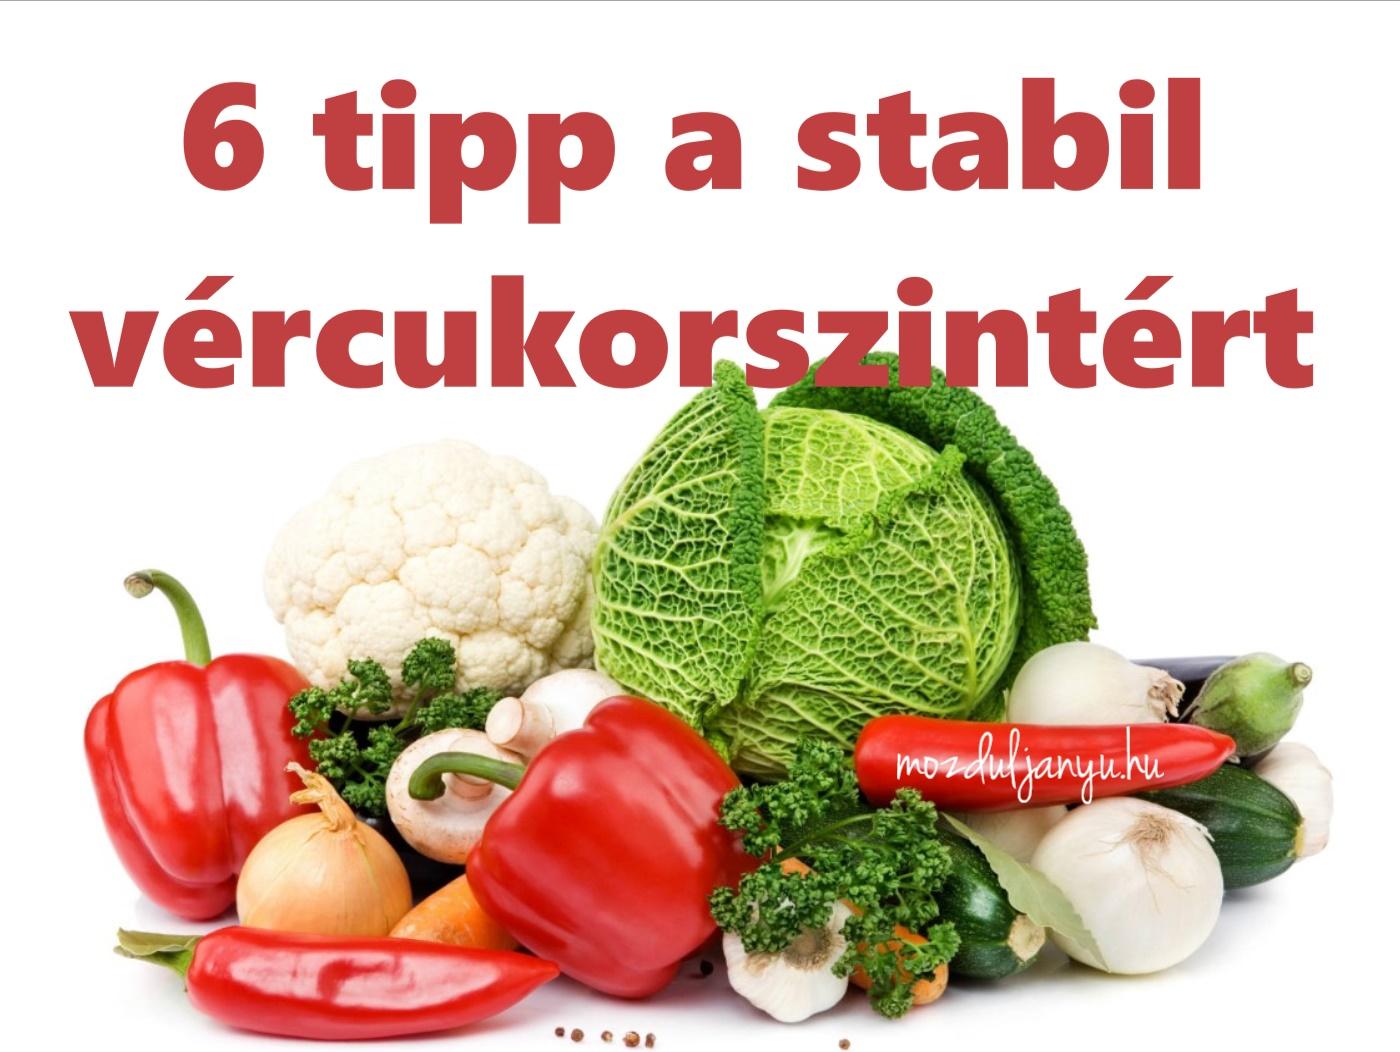 6 tipp a stabil vércukorszintért